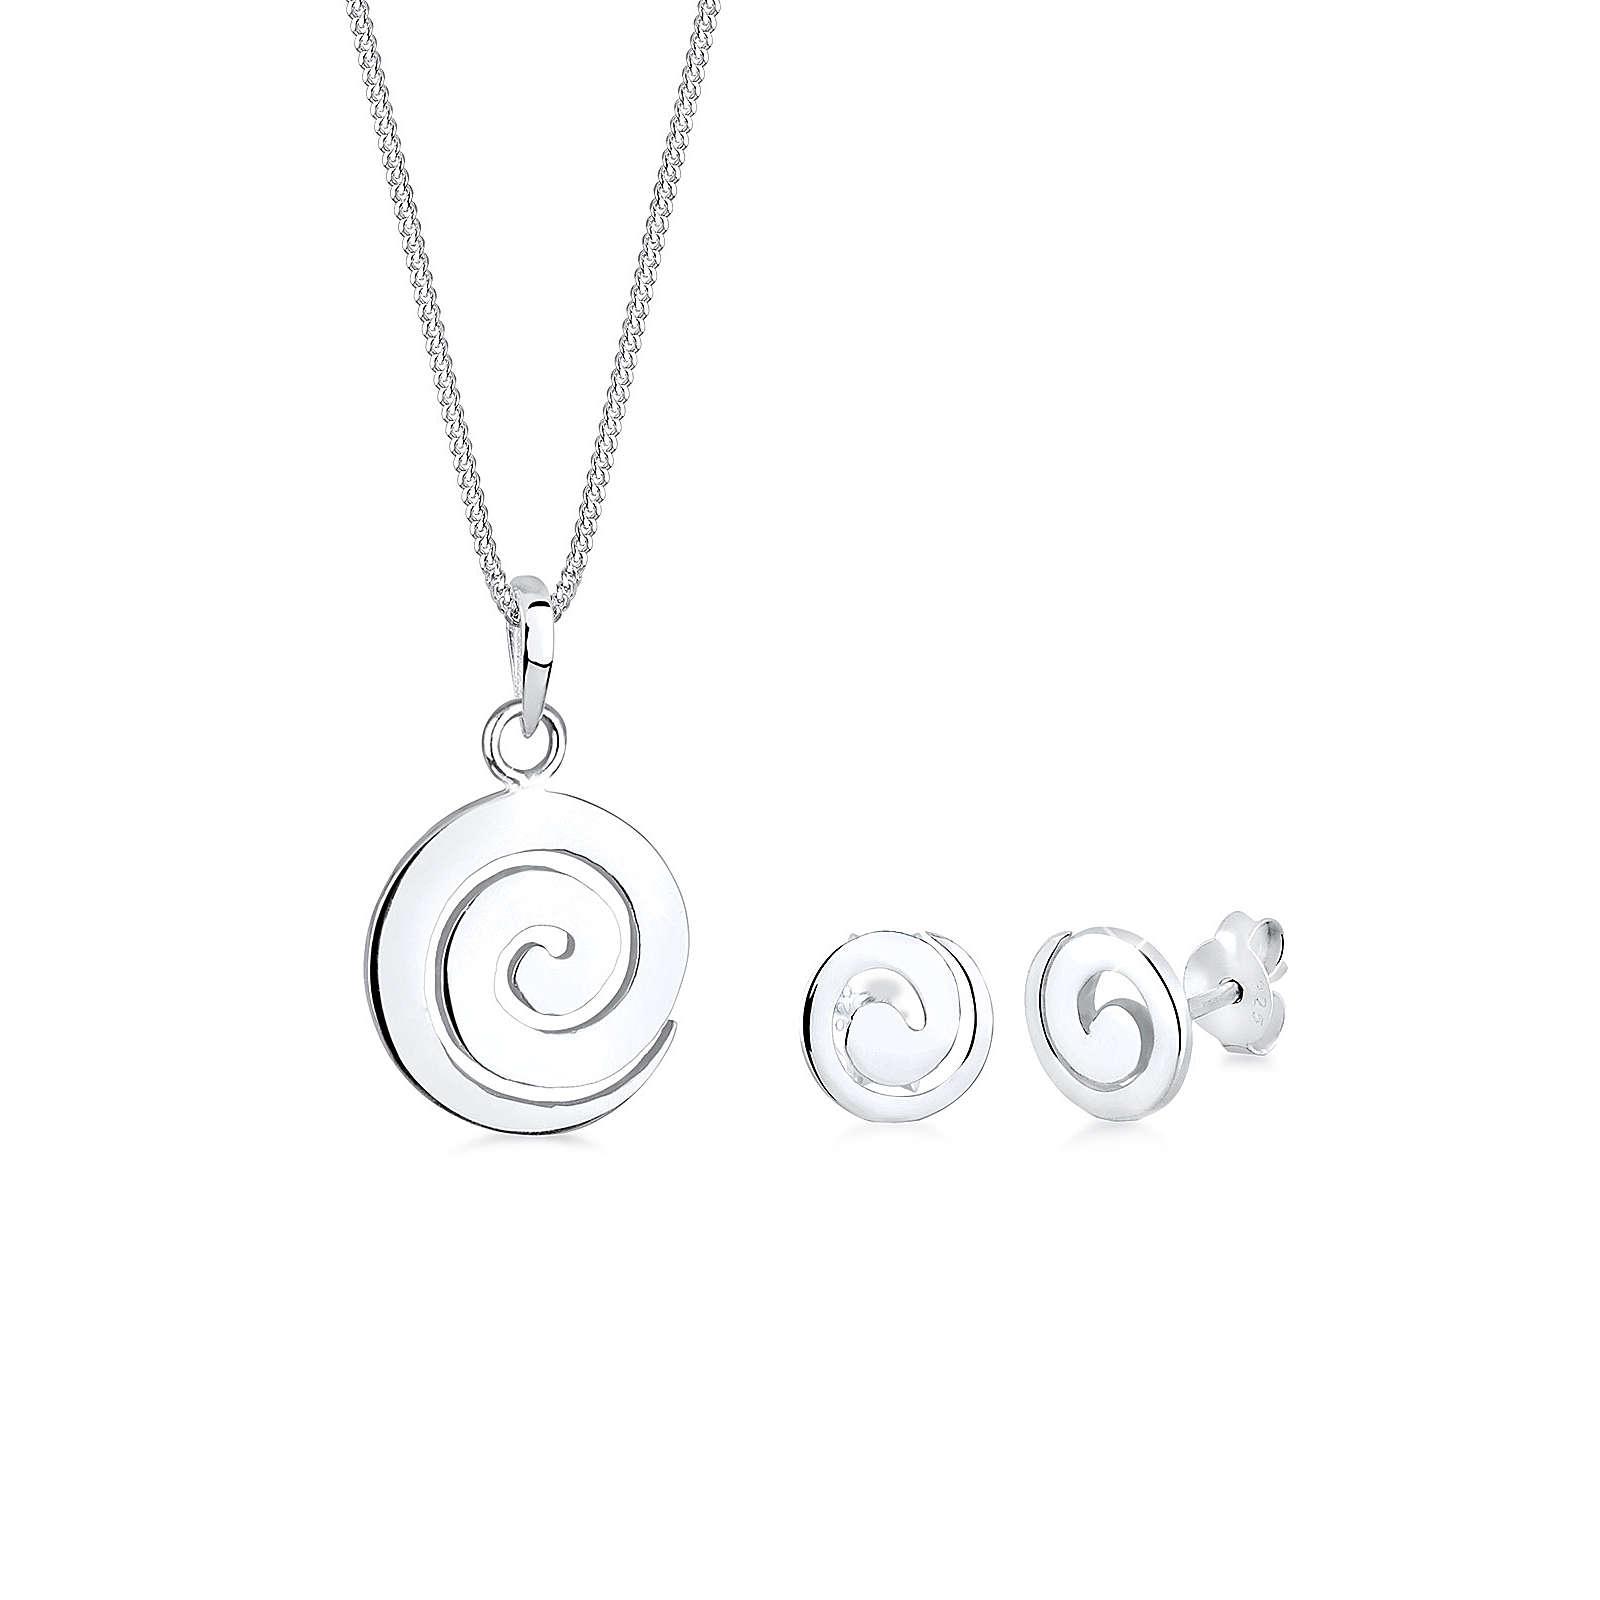 Elli Schmuckset Spirale Rund Kreis 925 Sterling Silber Schmucksets silber Damen Gr. one size